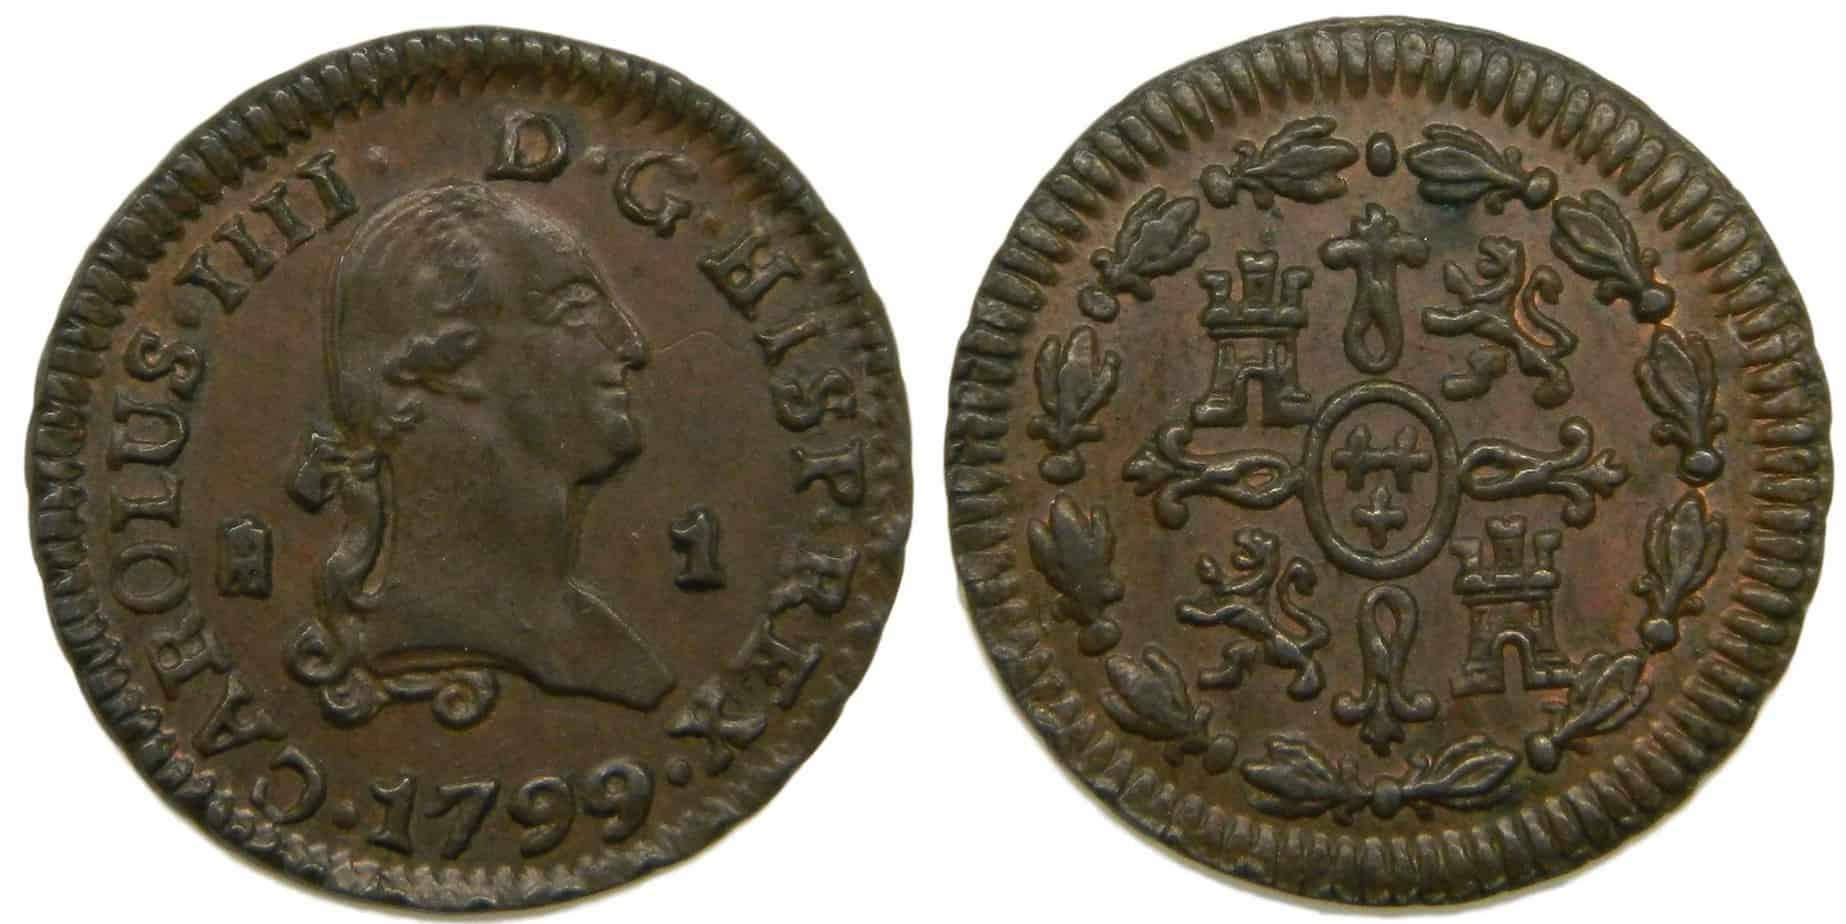 1 maravedí 1799, Segovia